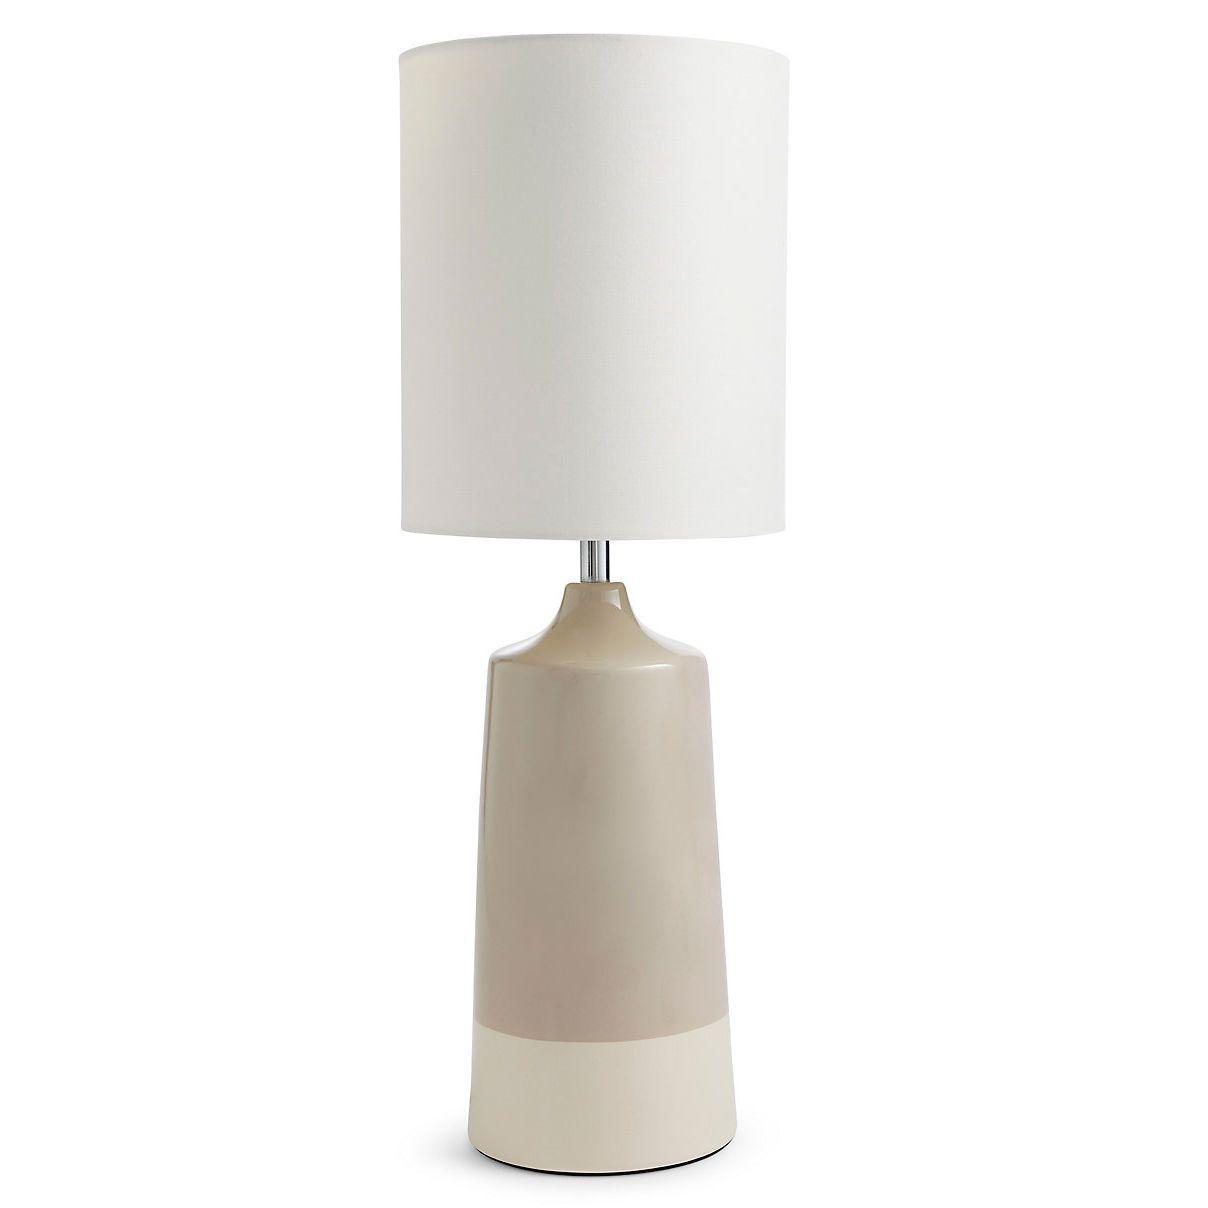 Capri Large Table Lamp Mocha H56 X W20 X D20cm Large Table